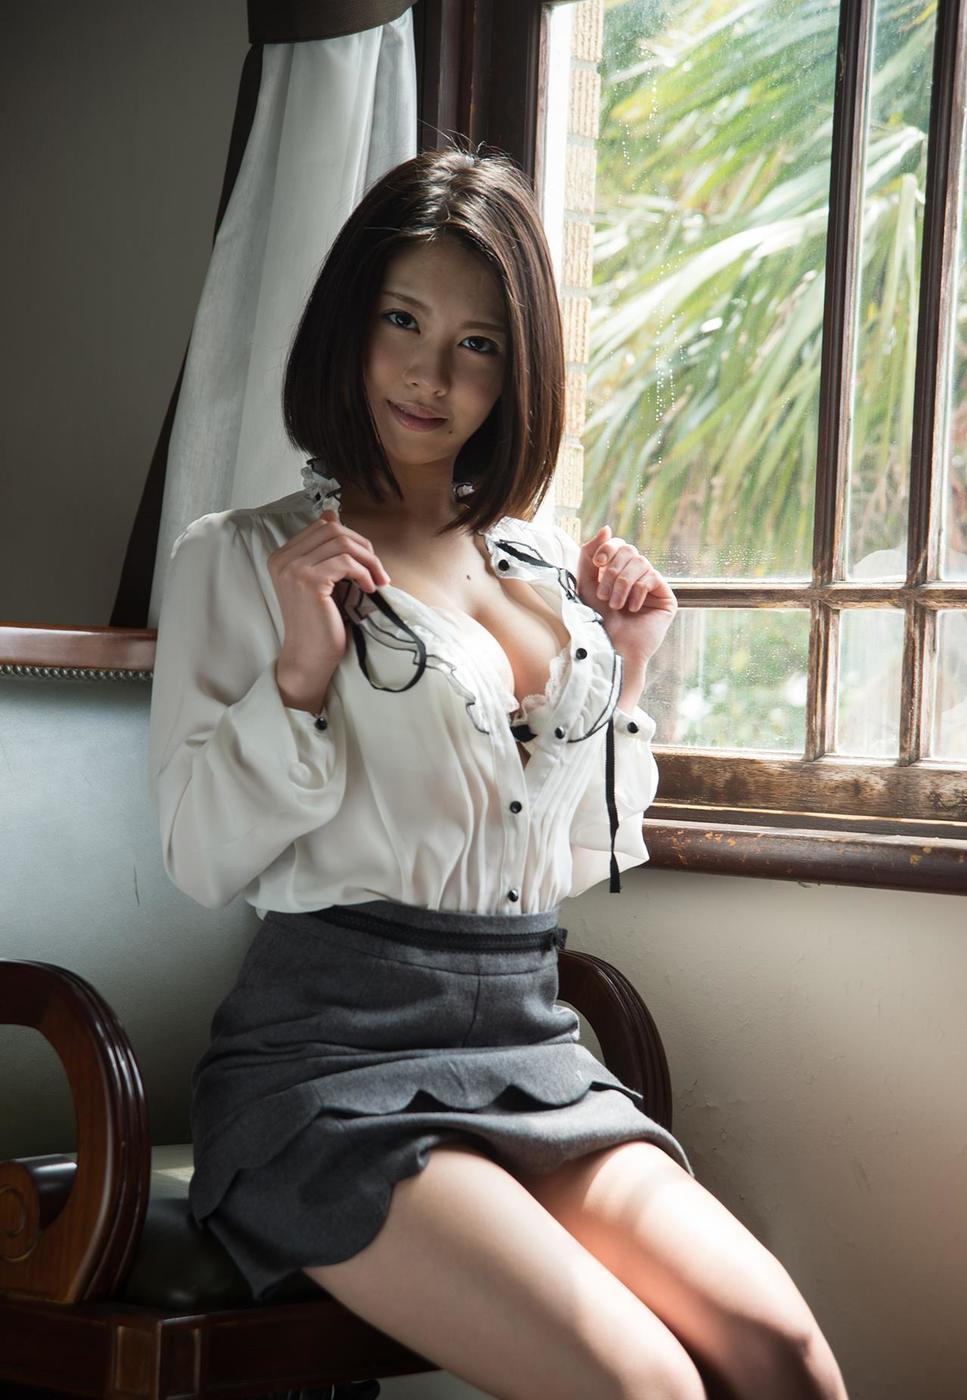 Hot Naked Maid Service China HD